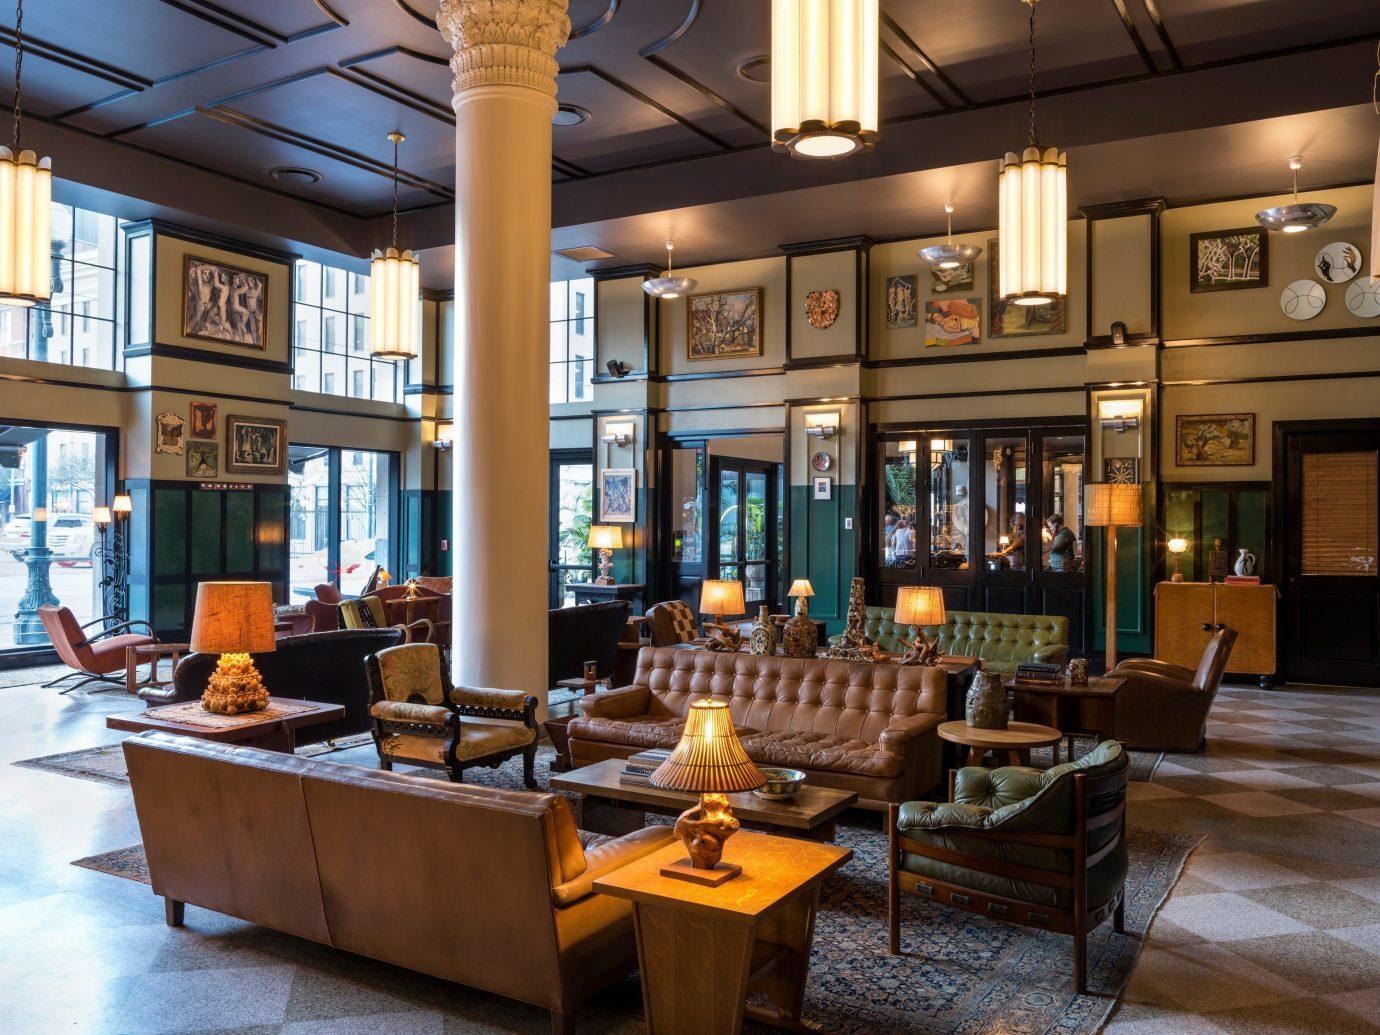 Hotels indoor property Lobby room estate Bar interior design restaurant café Resort condominium furniture